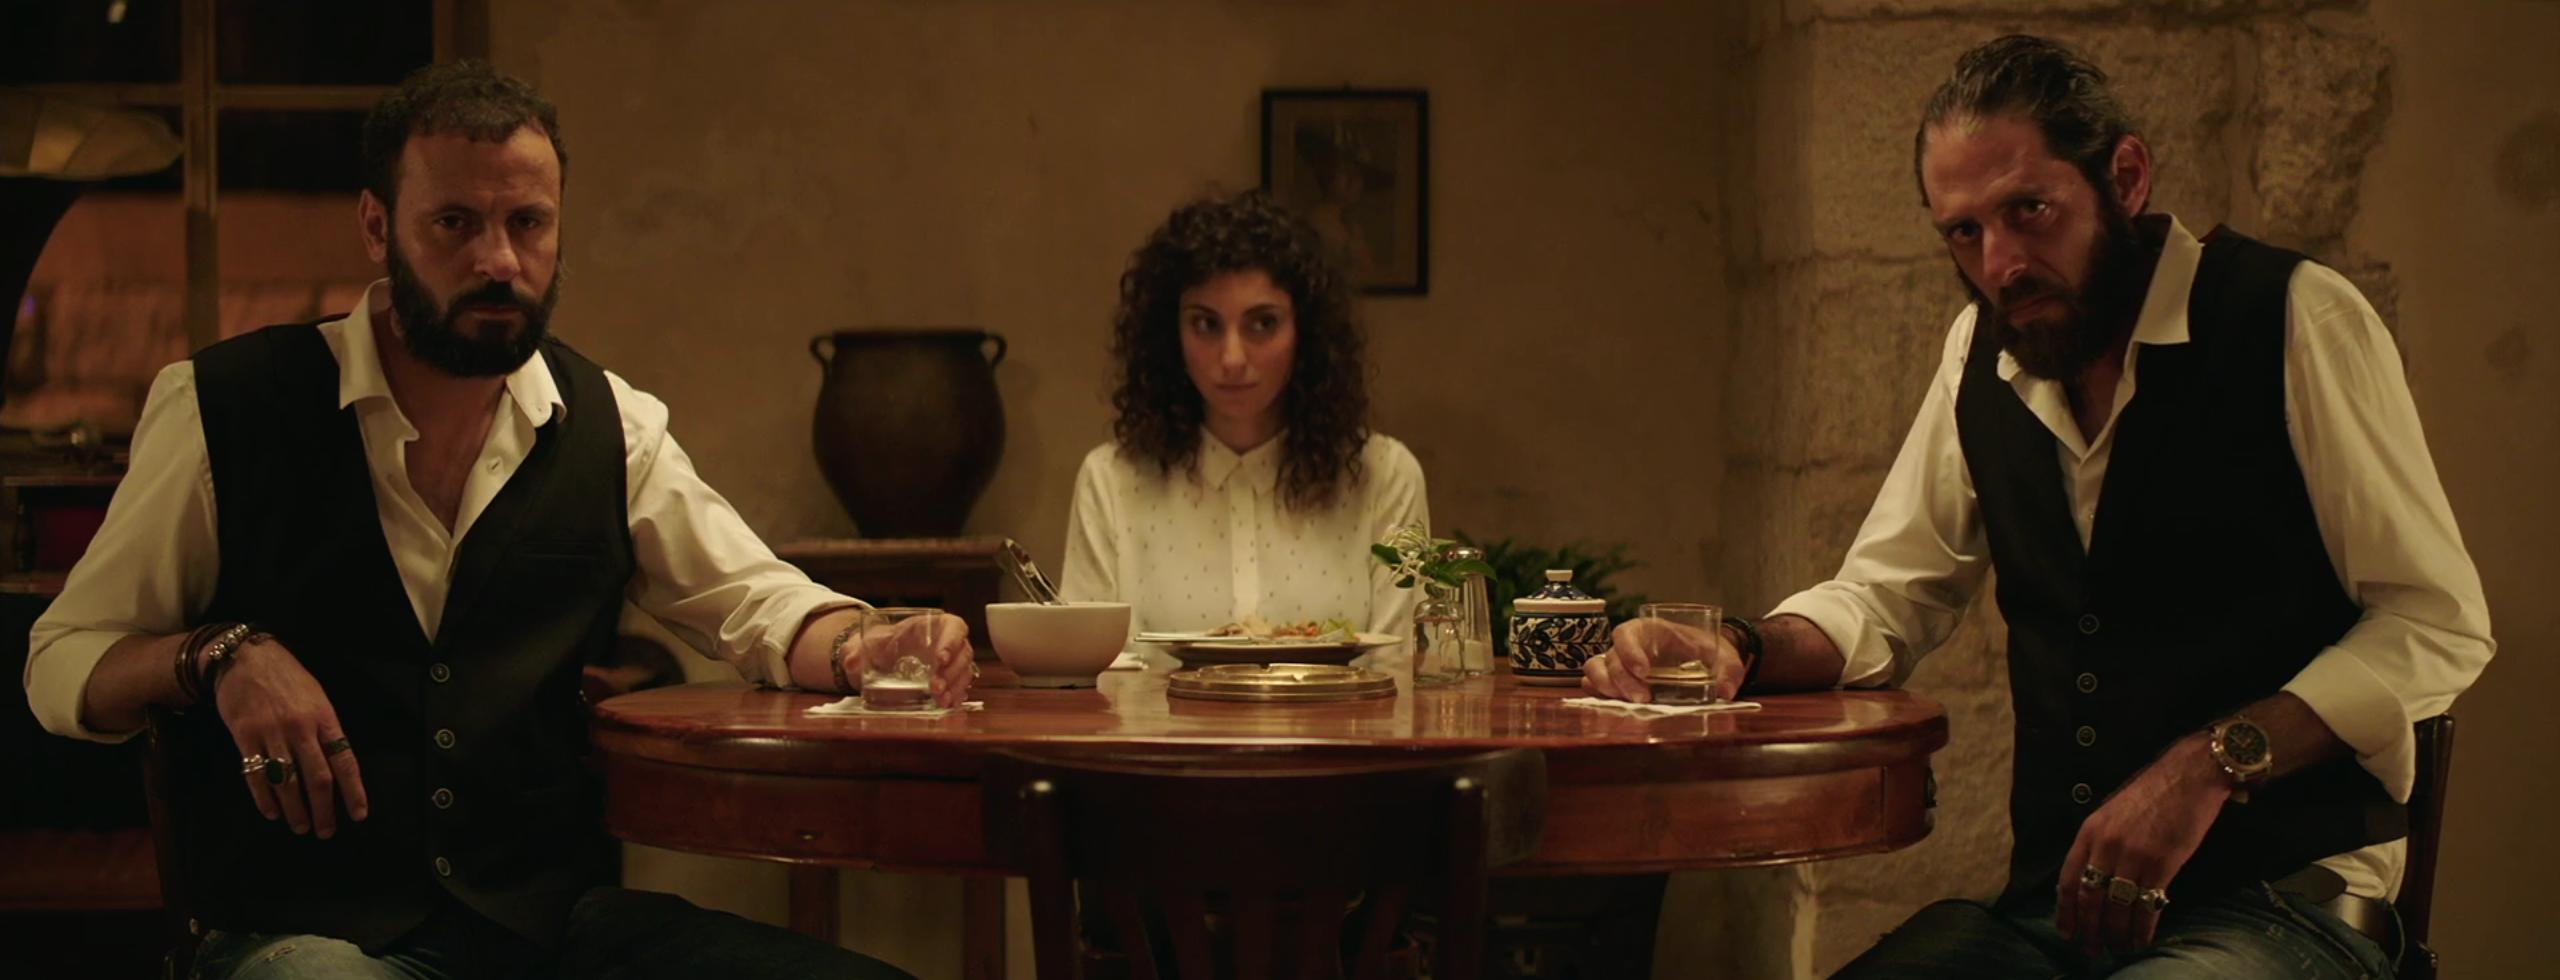 «Люди все больше понимают, насколько все в мире связано». Интервью с палестниским режиссером Элиа Сулейманом (фото 2)